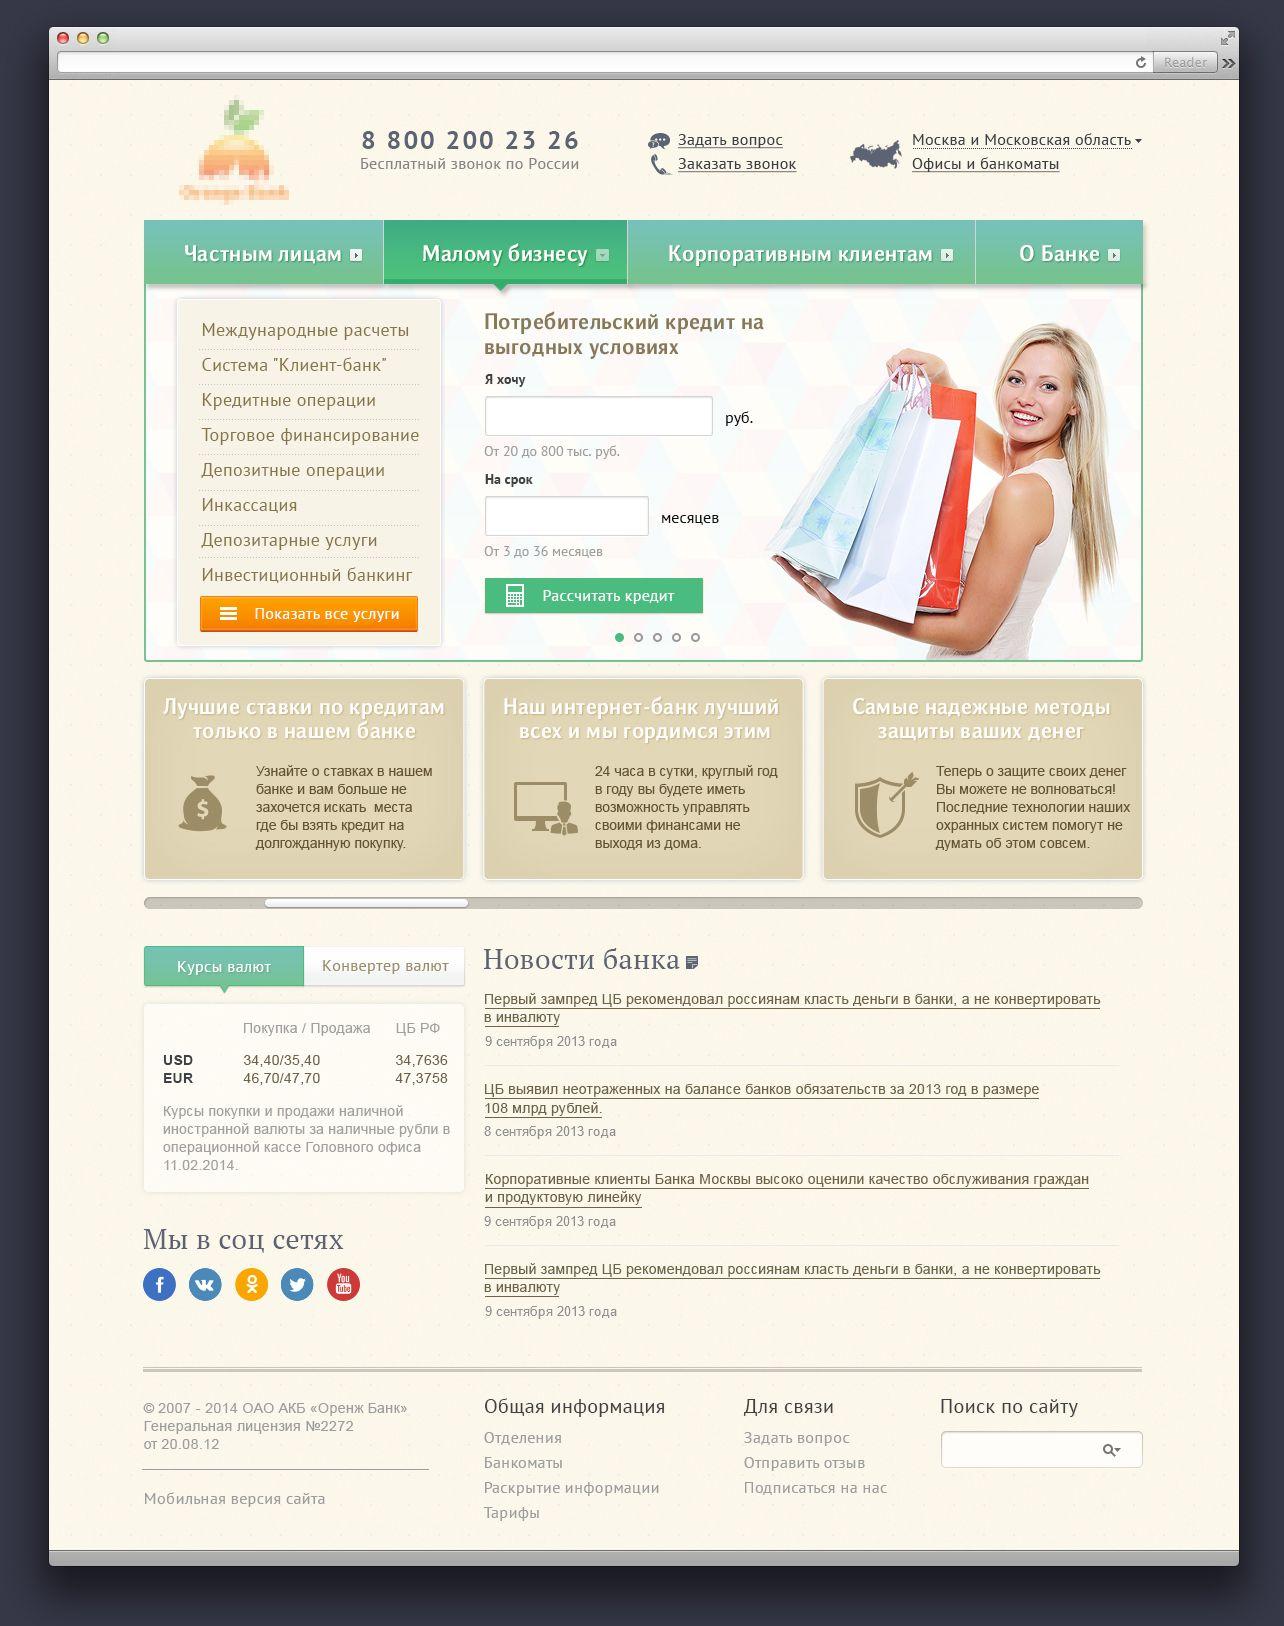 Креативный дизайн Главной страницы Банка - дизайнер MIDL-WEB